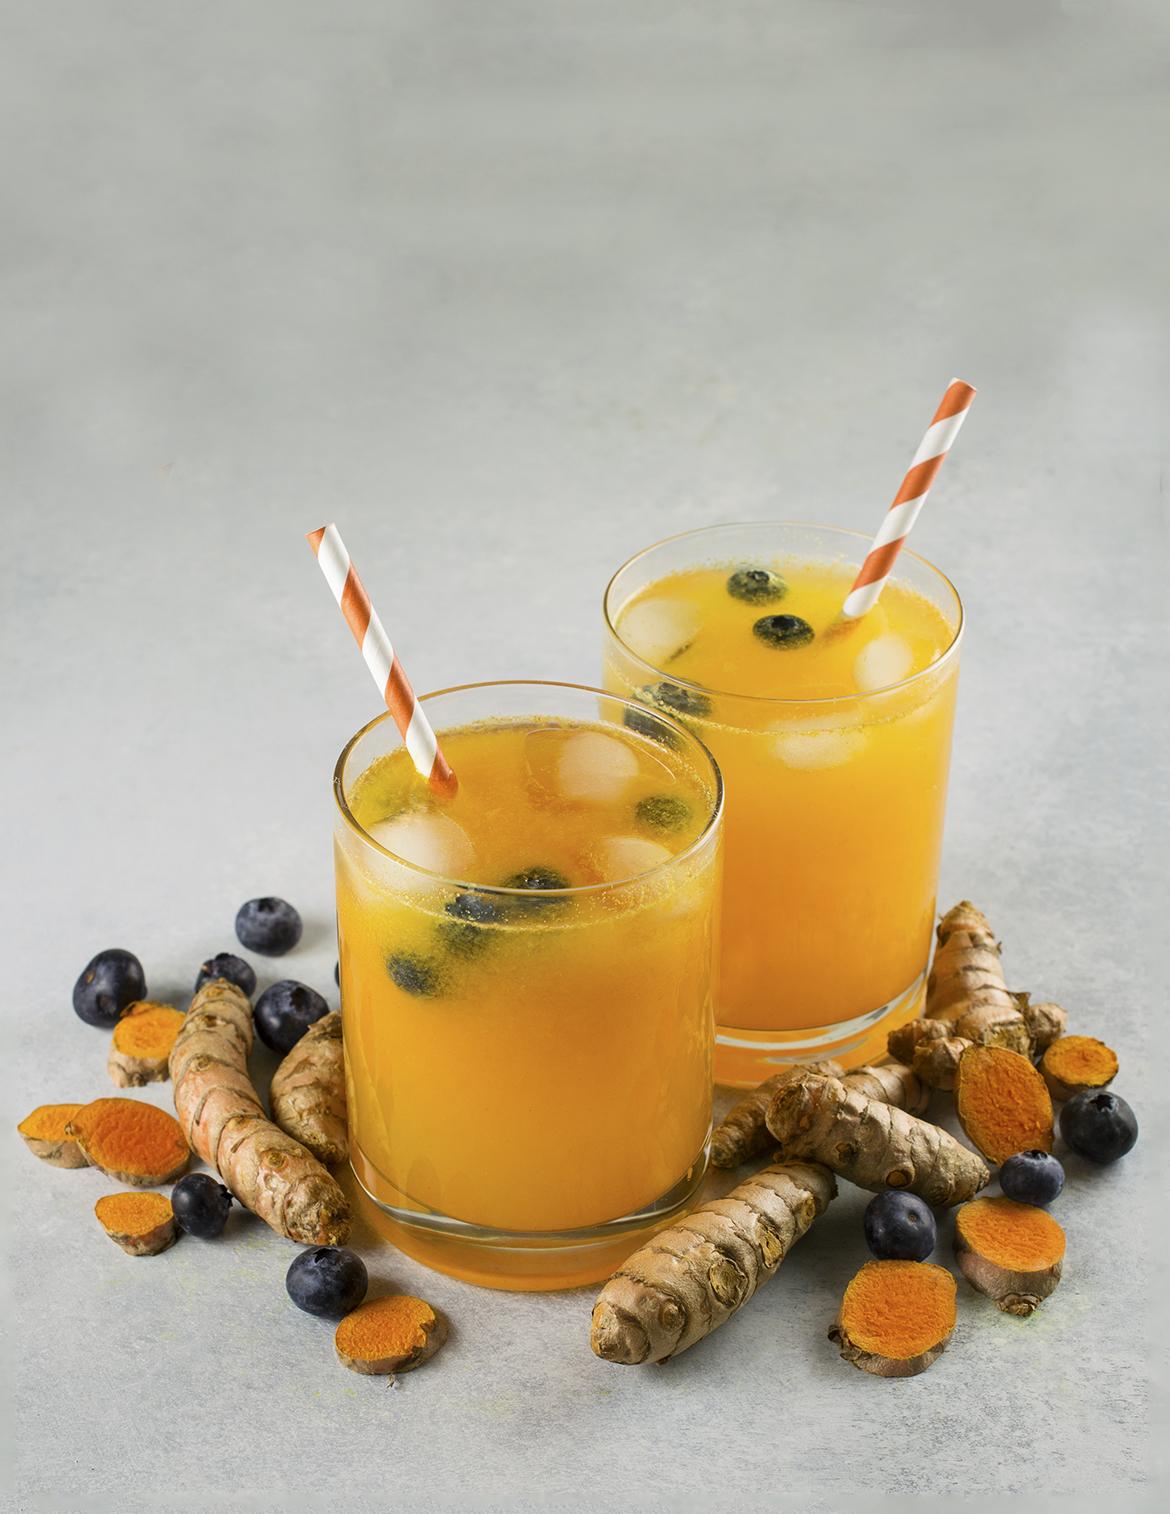 姜黄柠檬水用蓝莓食谱GydF4y2Ba